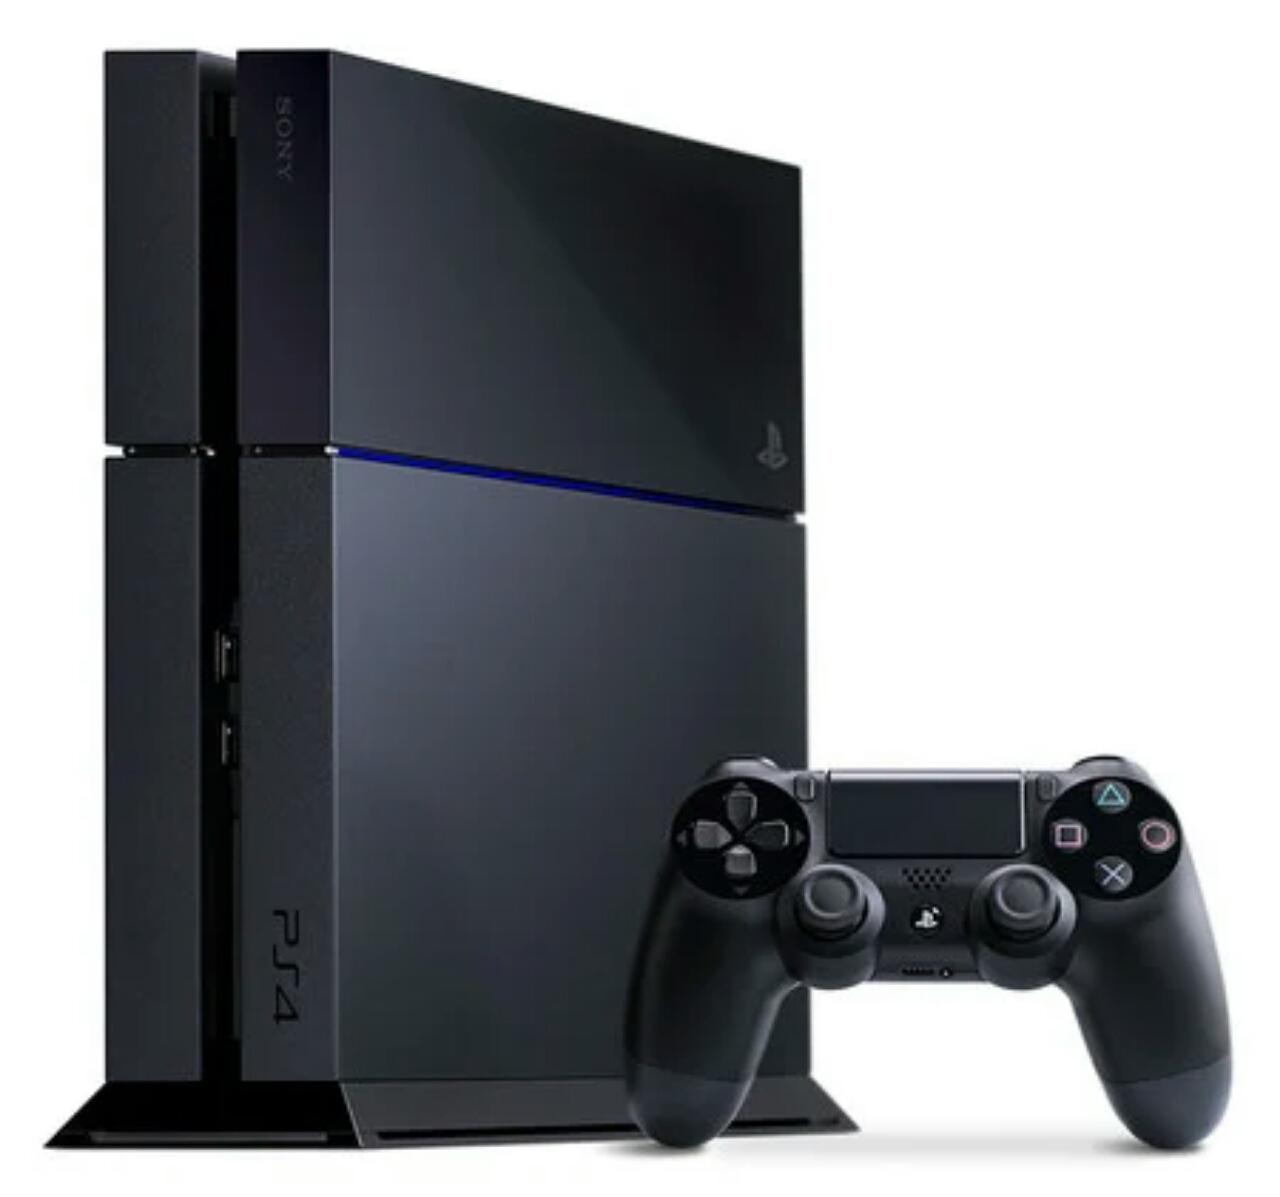 Konsol PS4 Terjual 113,6 Juta Unit di Seluruh Dunia 1